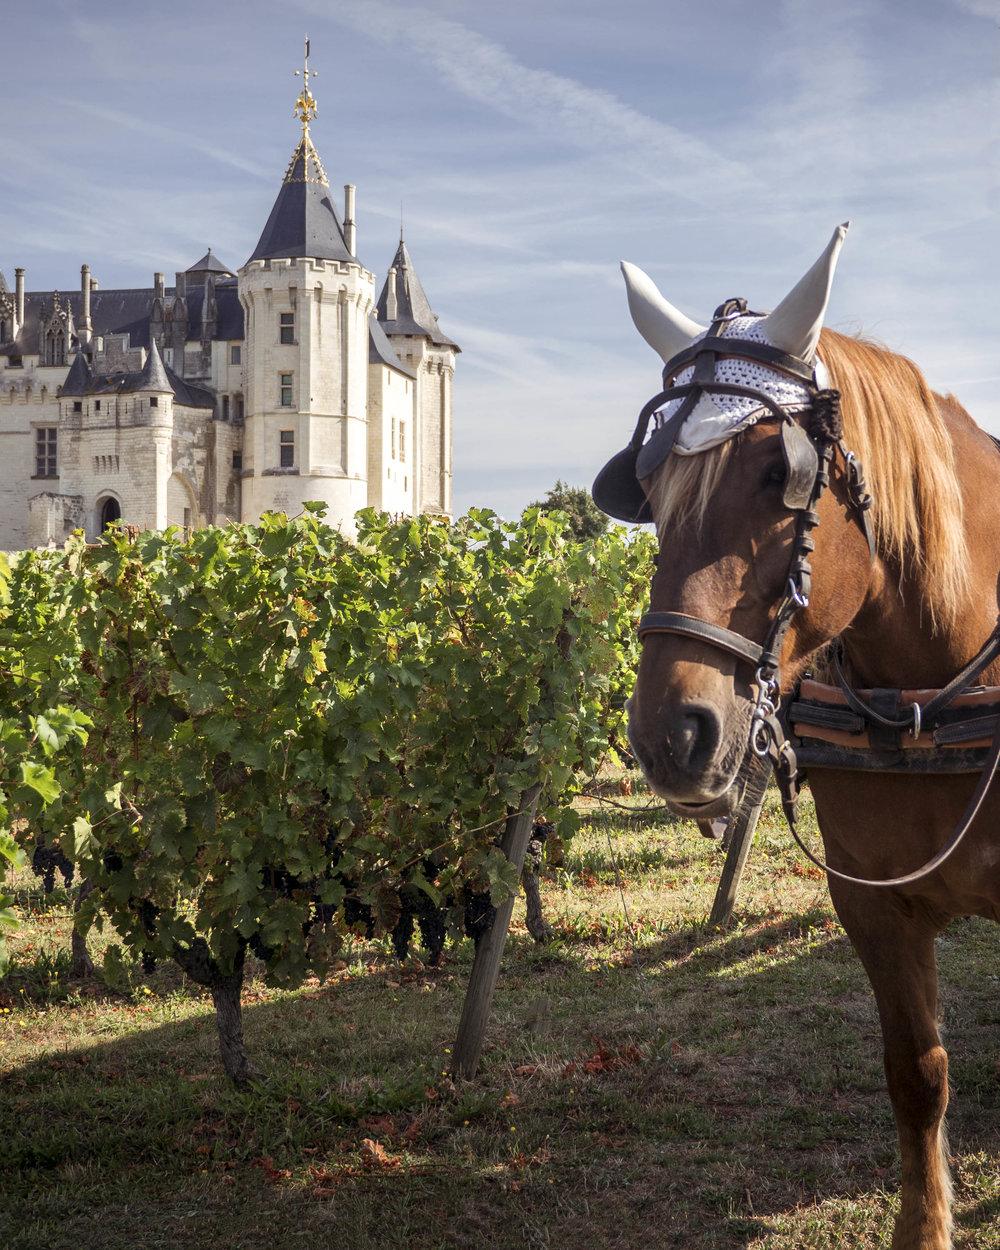 Chateau de Saumur, Loire Valley France